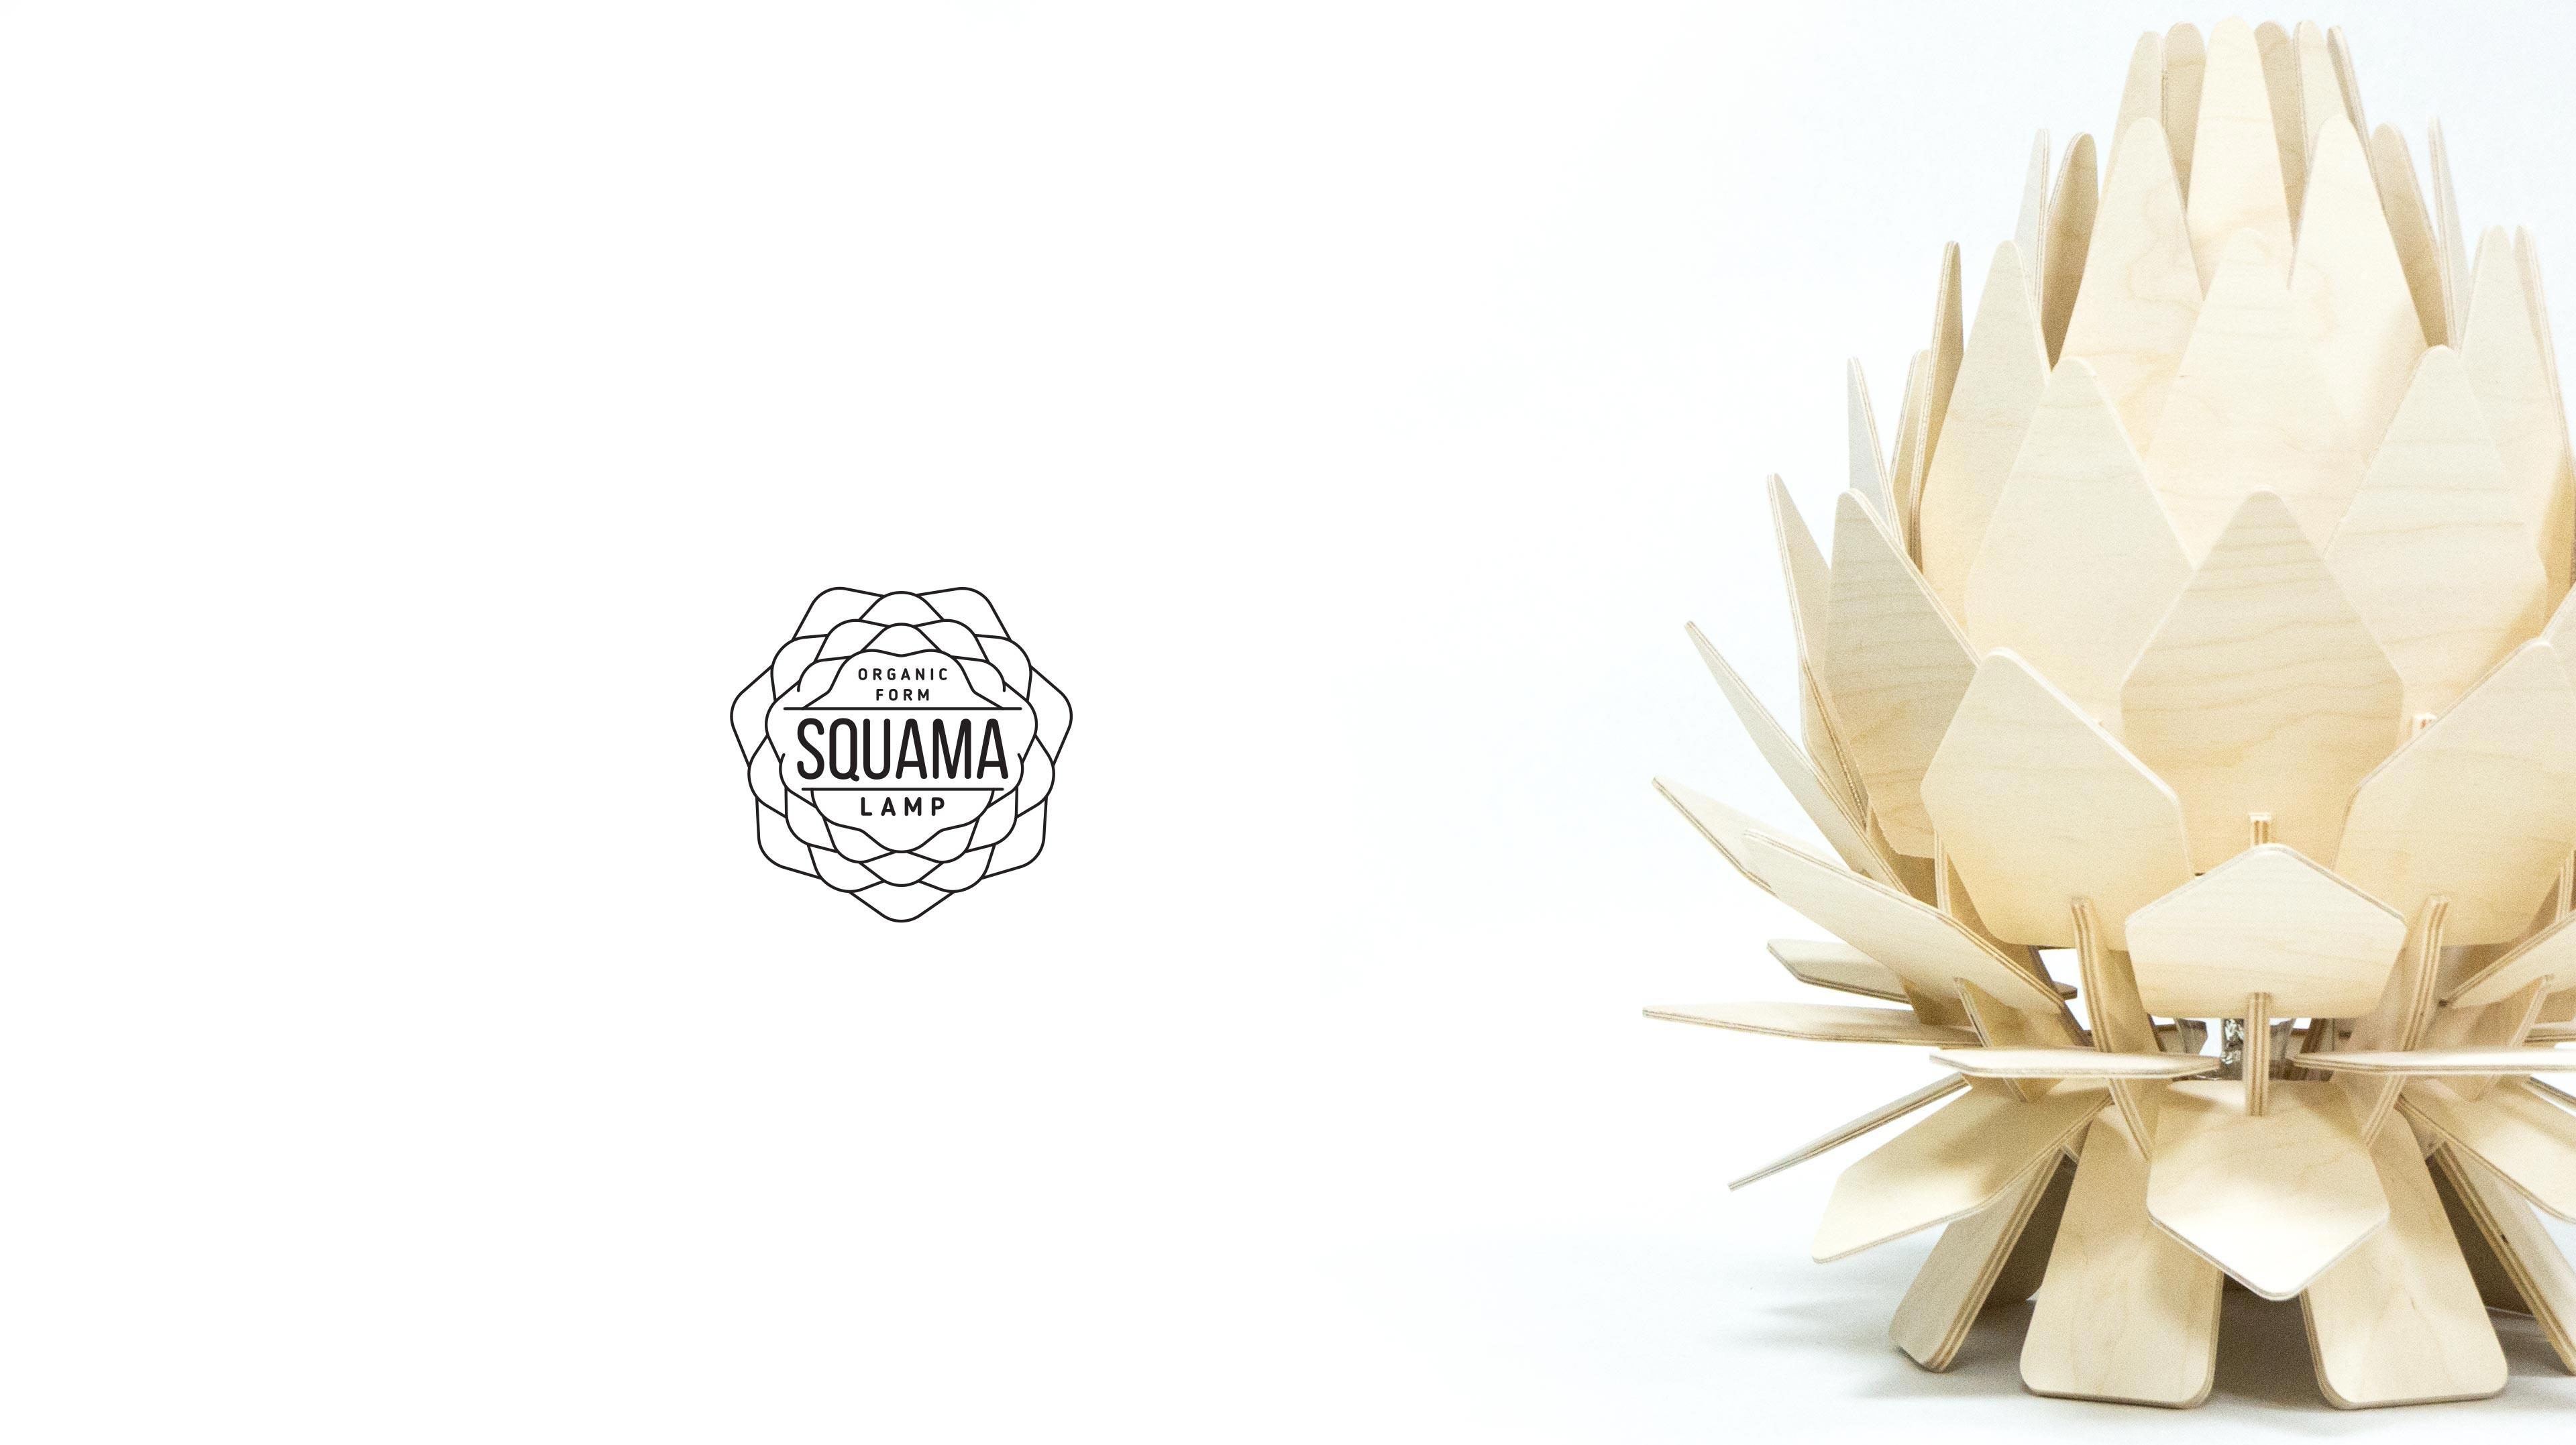 squama_2